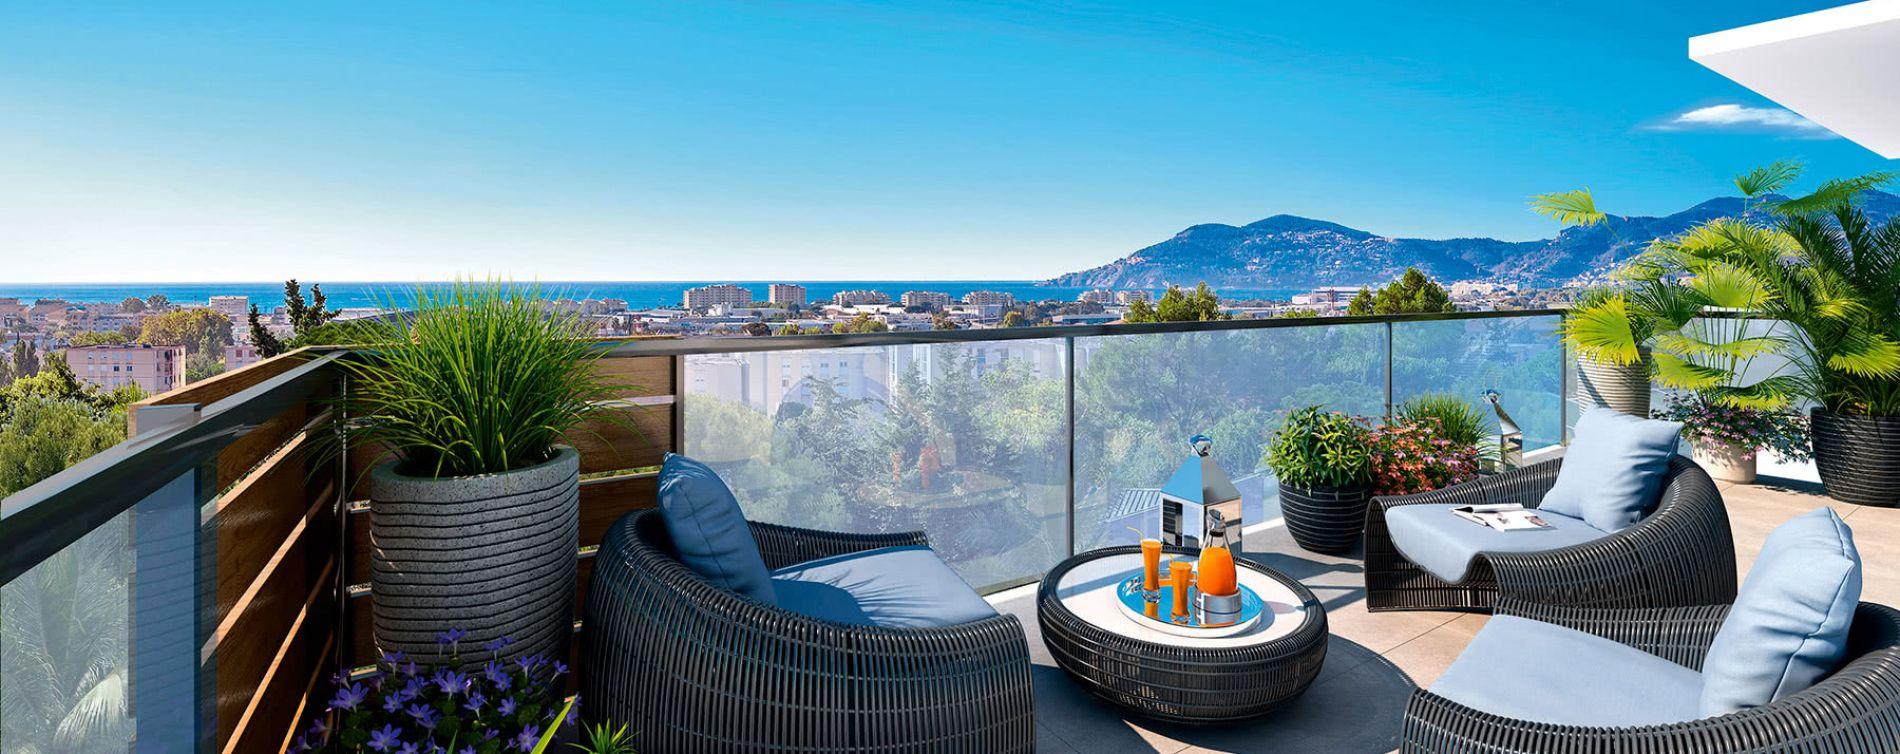 Résidence Palm Horizon 2 à Cannes